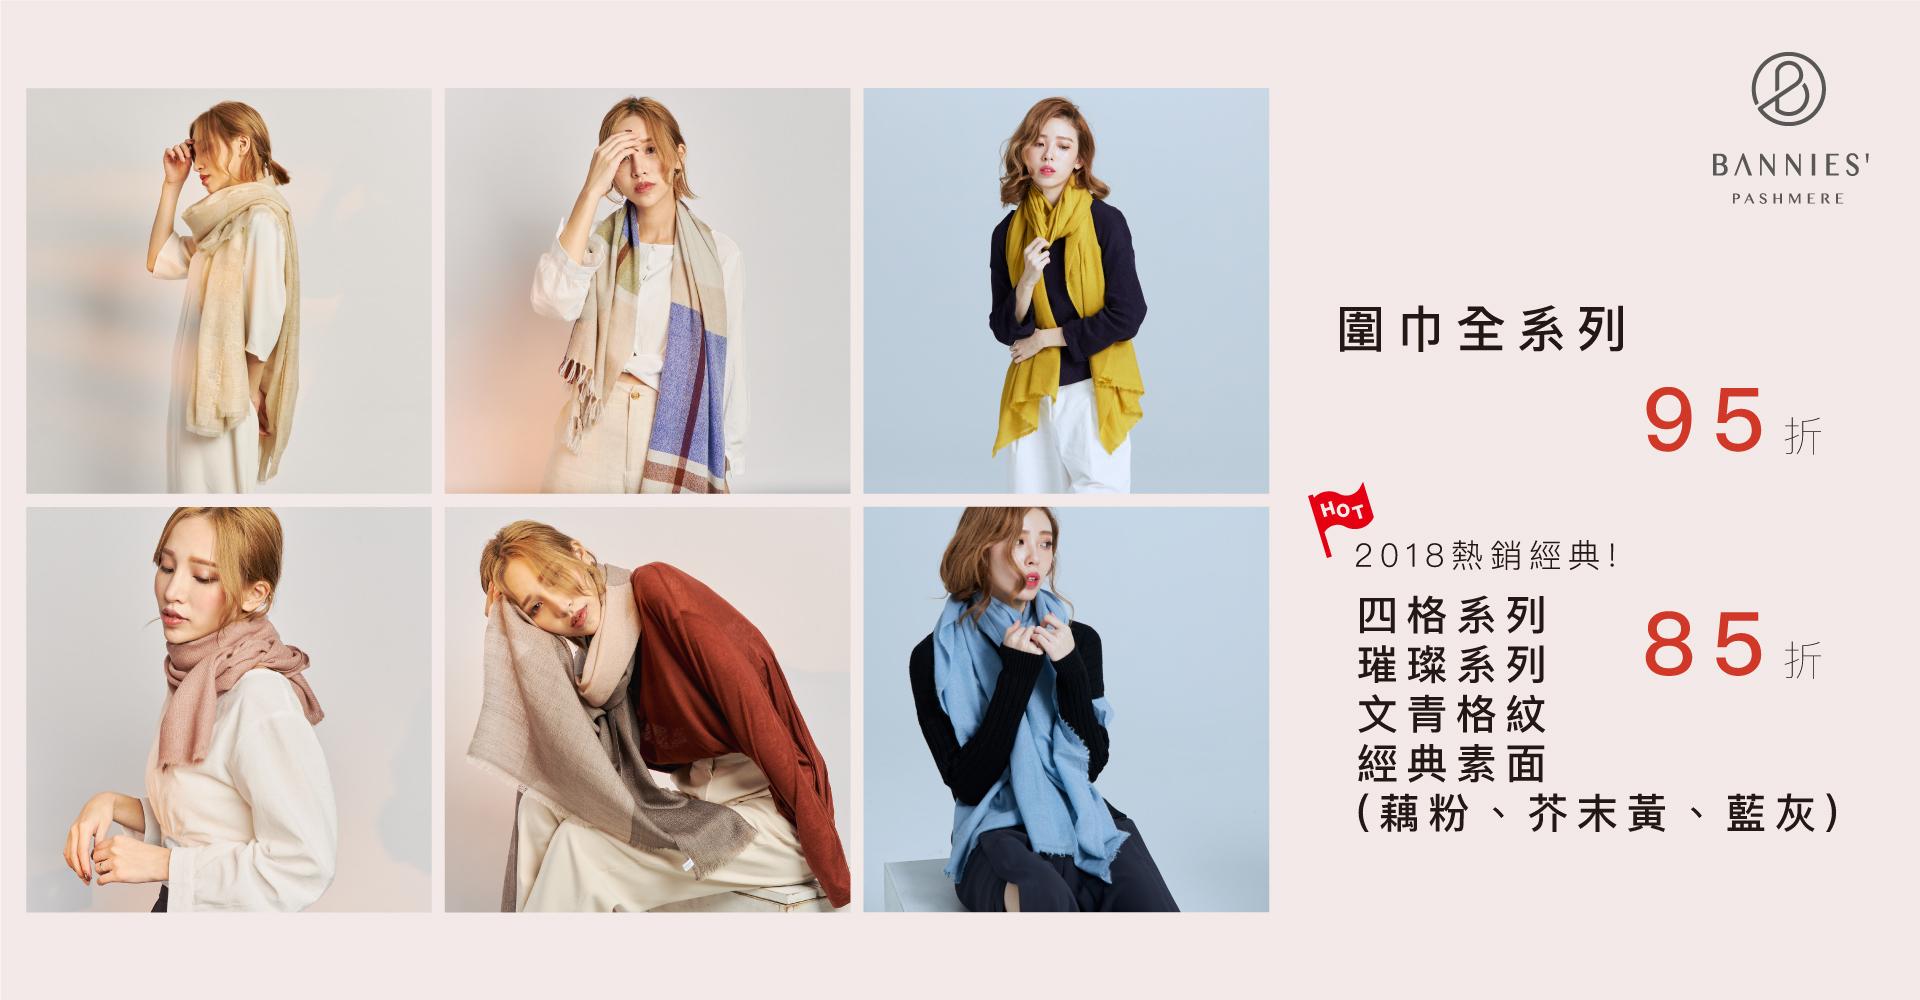 圍巾全系列95折,四格系列、璀璨系列、文青格紋、經典素面 (藕粉、芥末黃、藍灰) 85折優惠!